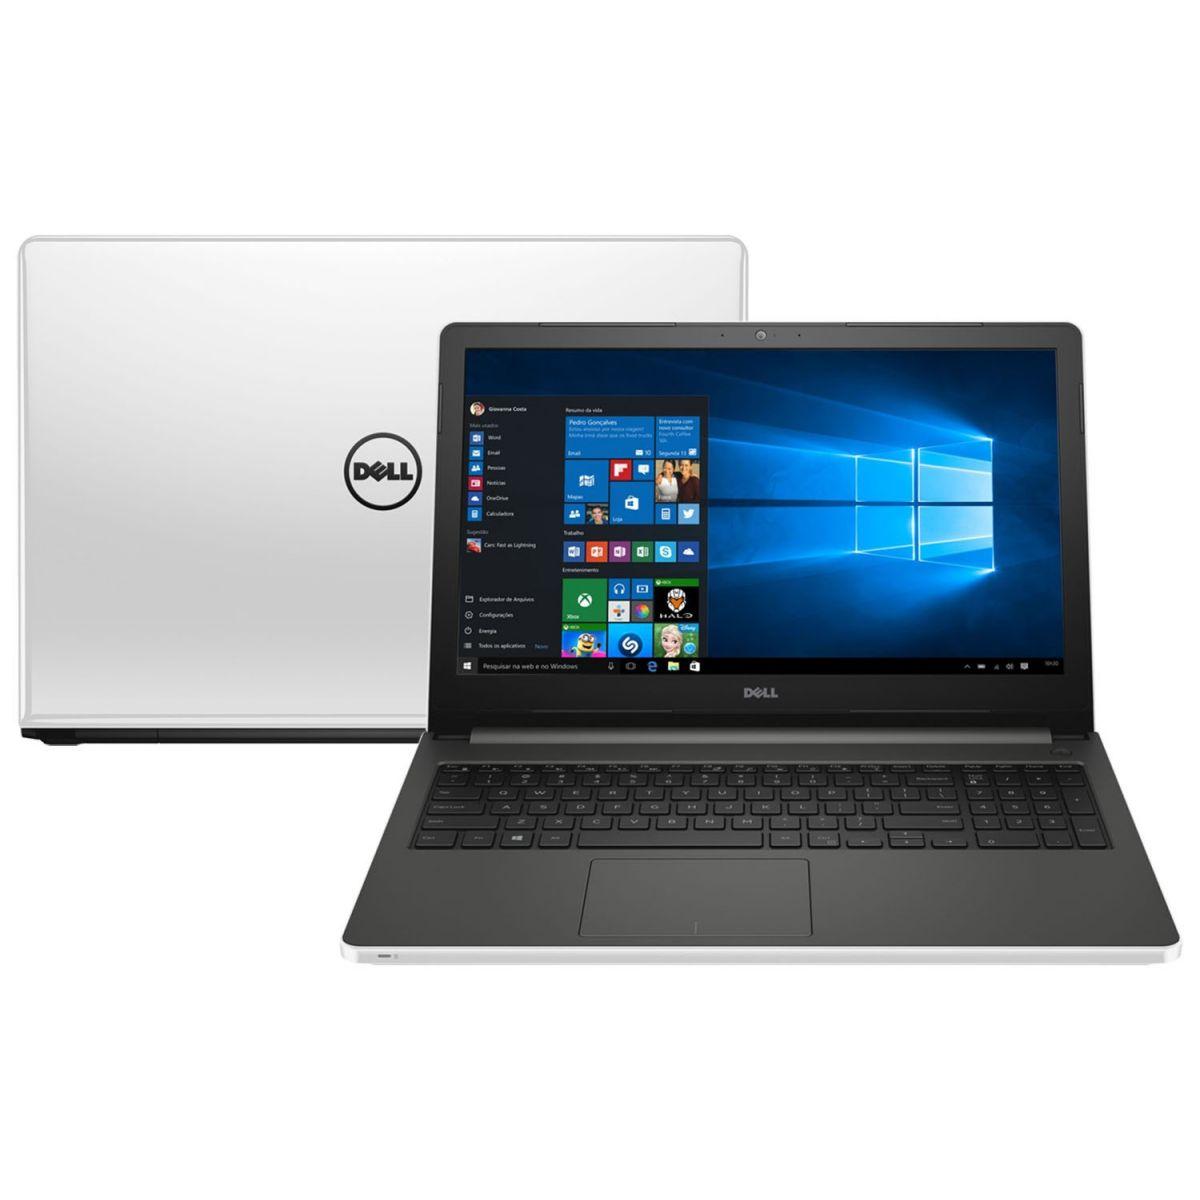 Notebook Dell Inspiron 5558 Core I3-5005U 2.0| 1Tb| 4Gb| Webcam| 15|W10 Pro